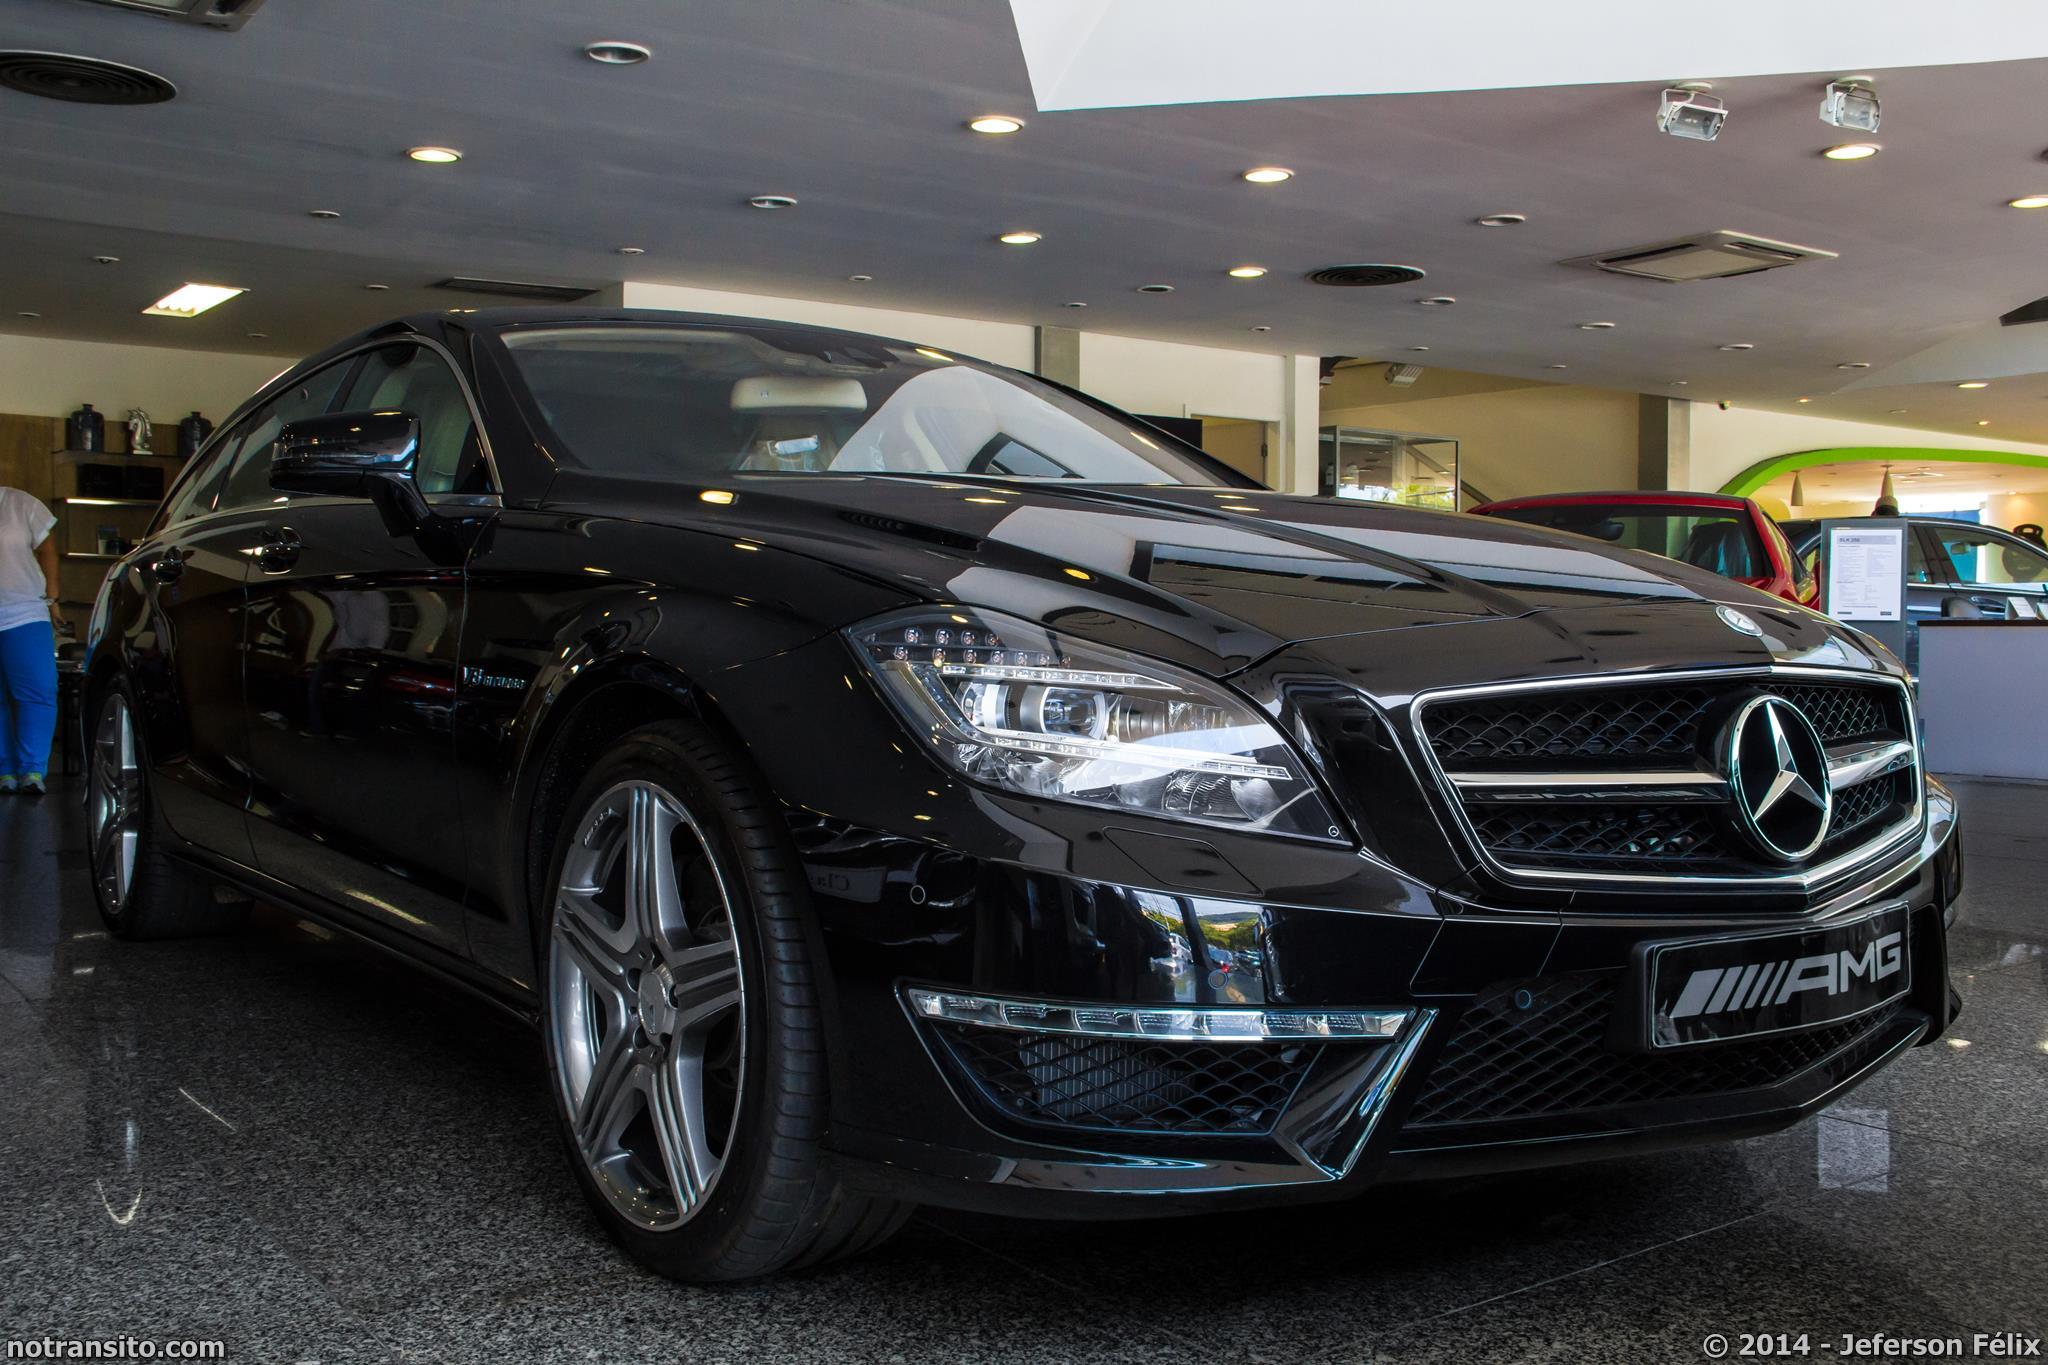 Mercedes Benz CLS 63 AMG Shooting Brake, AGO Mercedes Benz Barra Da Tijuca